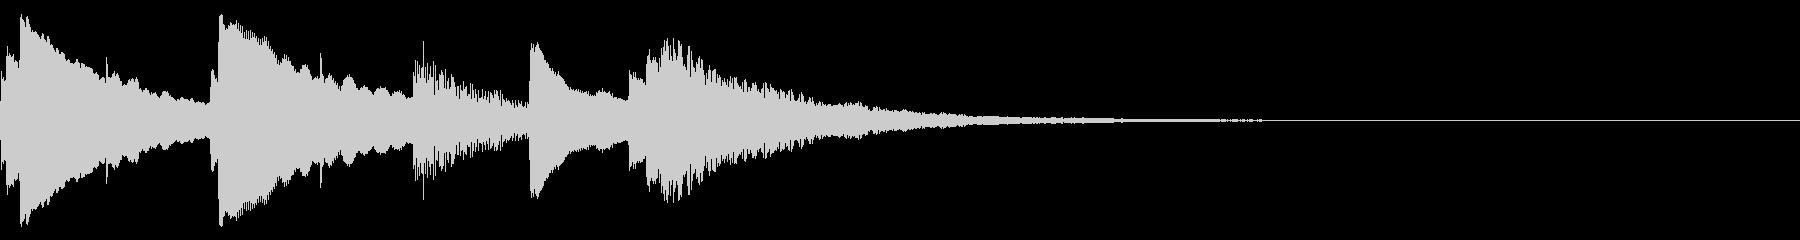 シンプル 子供 動画 コーナータイトルの未再生の波形